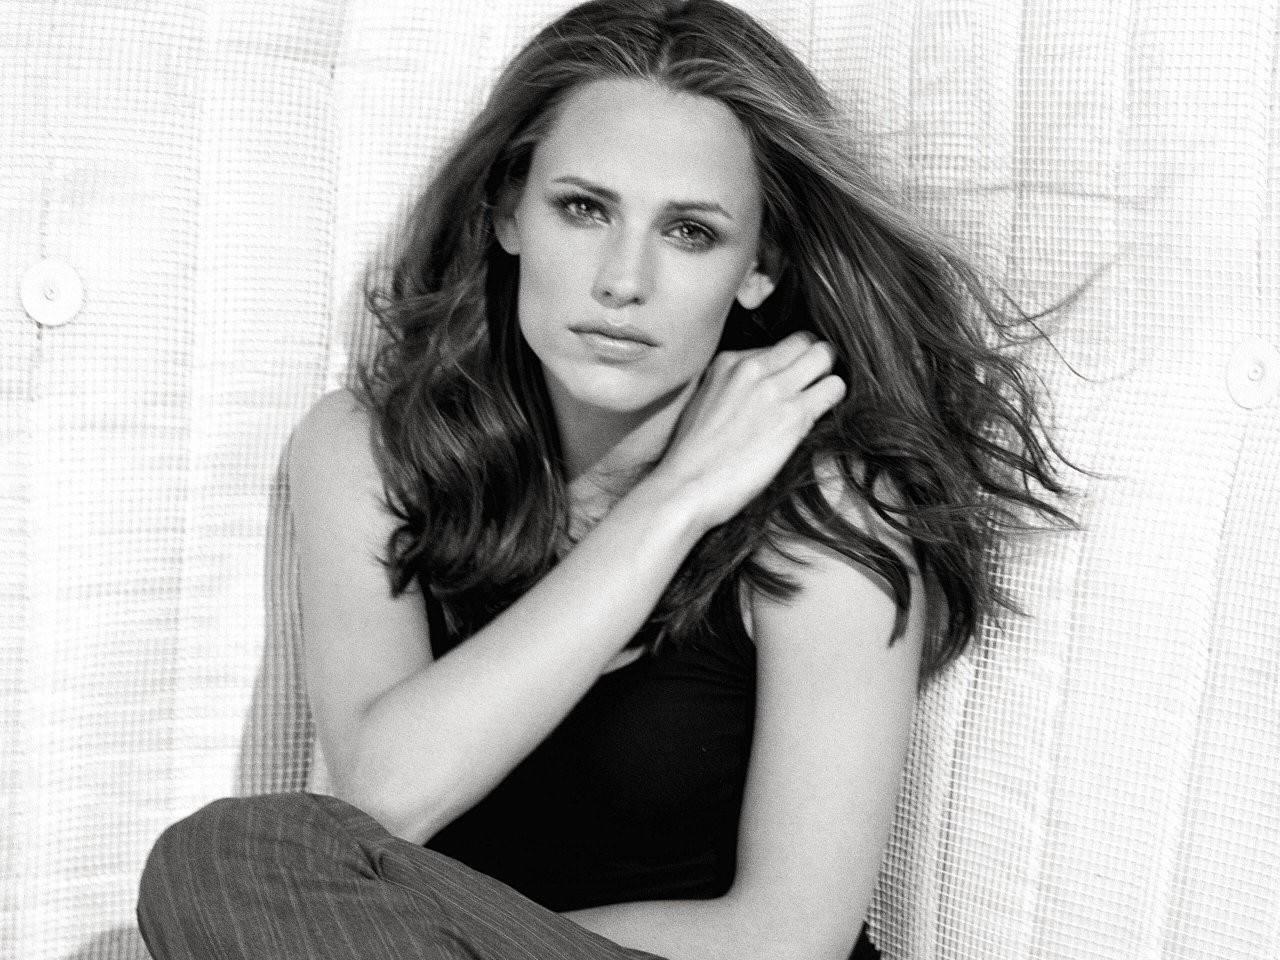 Jennifer garner photoshoot